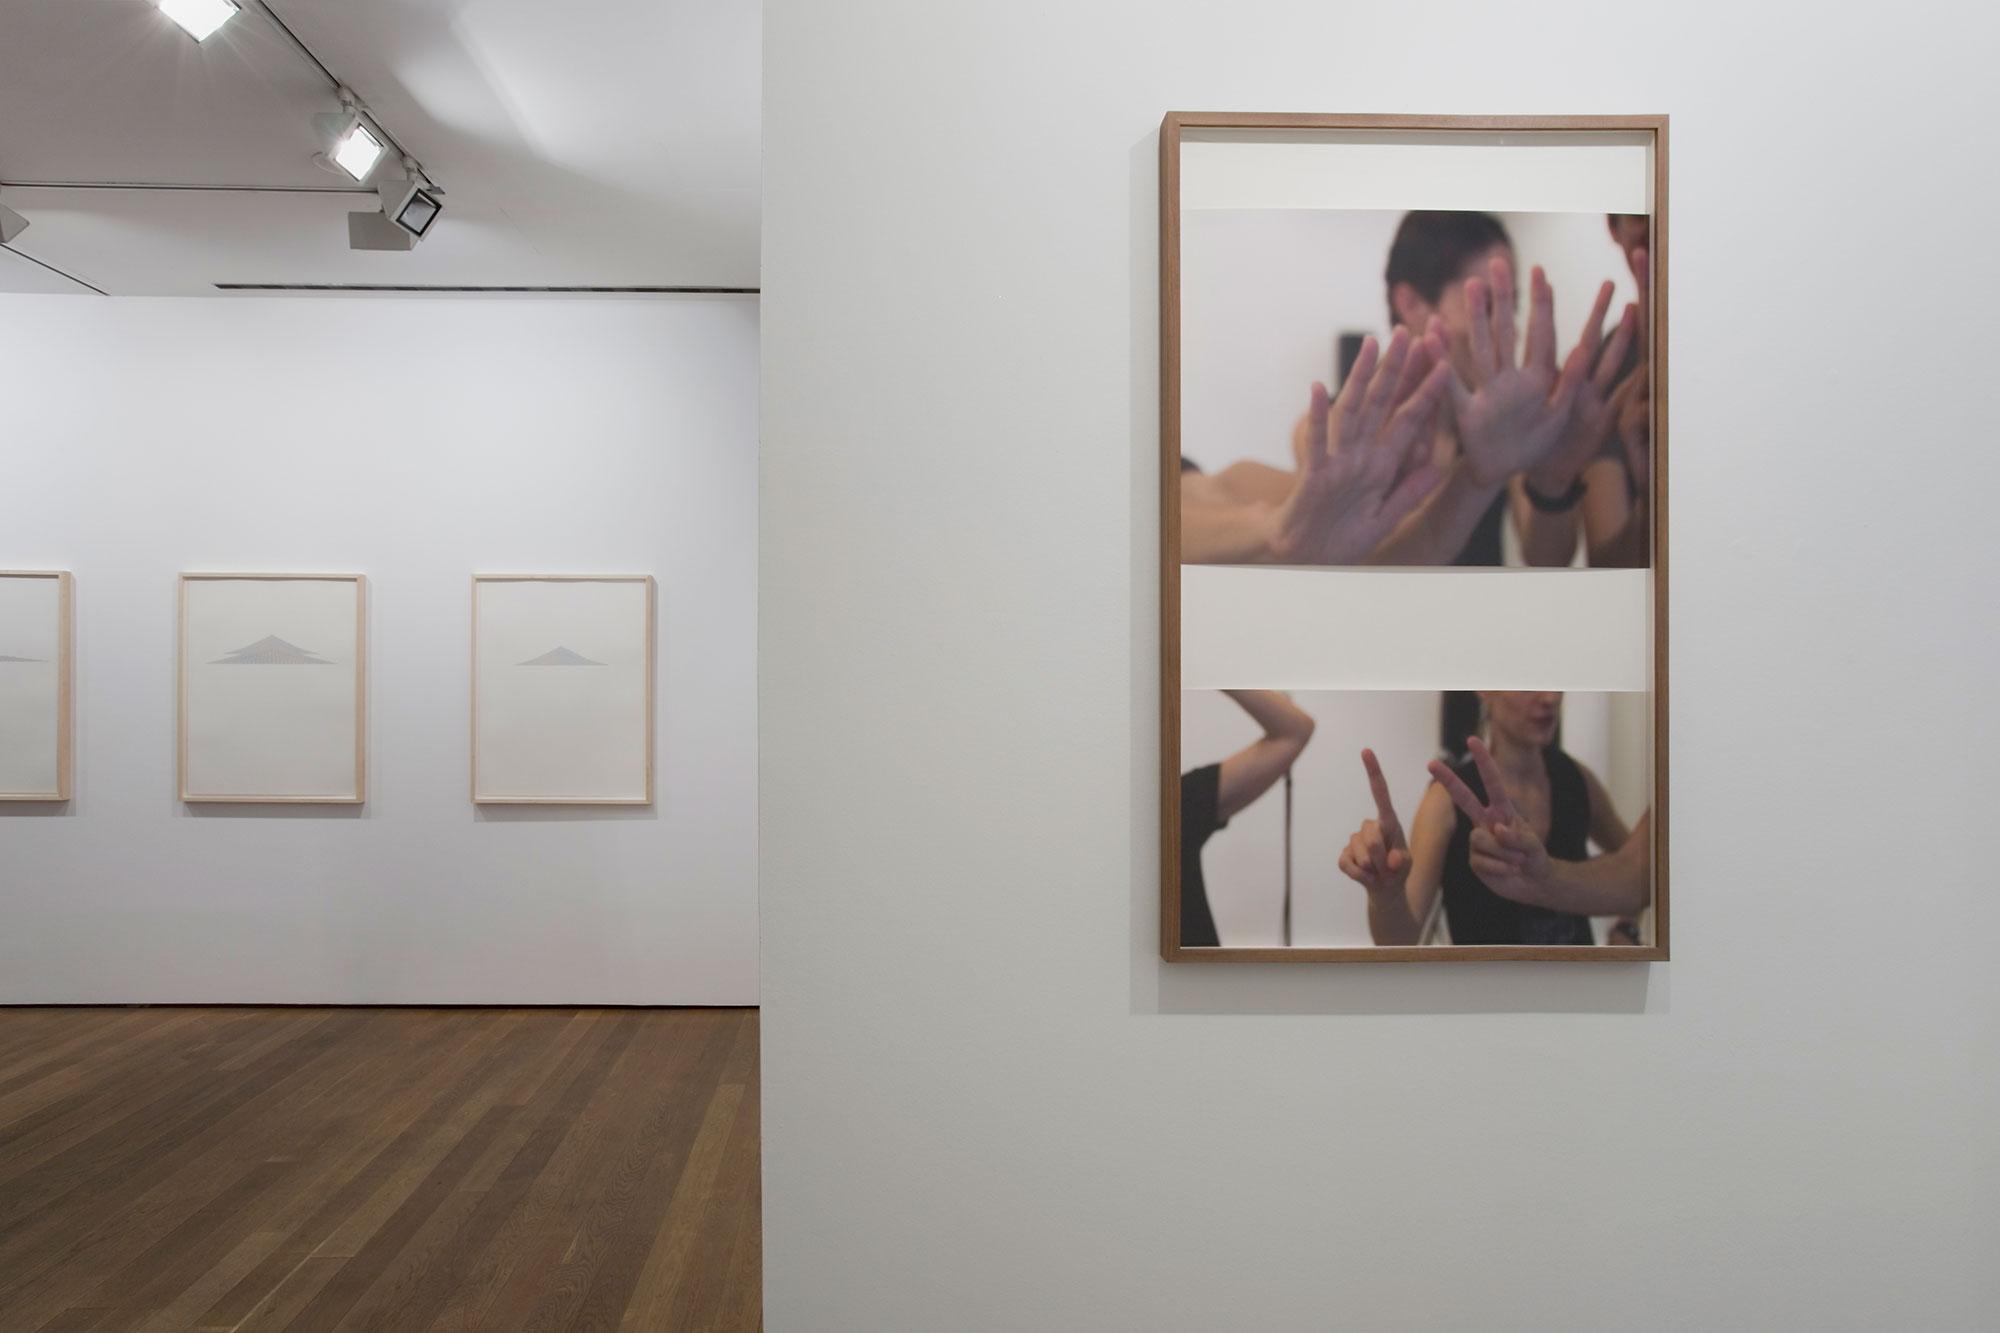 Itziar Okariz (2012) - Uno, uno, dos, uno